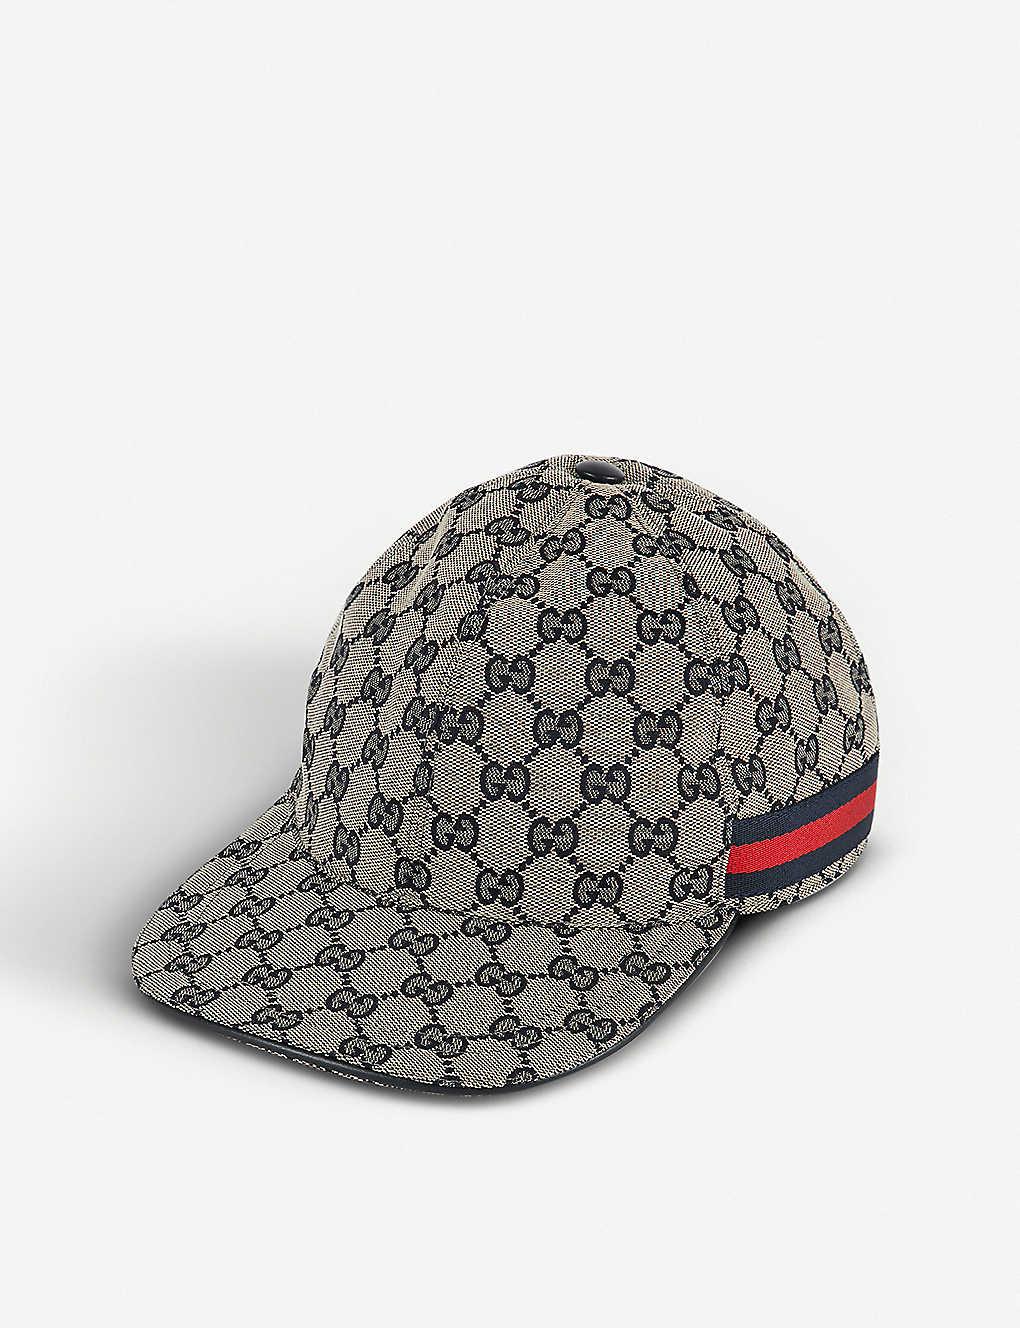 7e81d73f515 GUCCI - GG Web stripe baseball cap